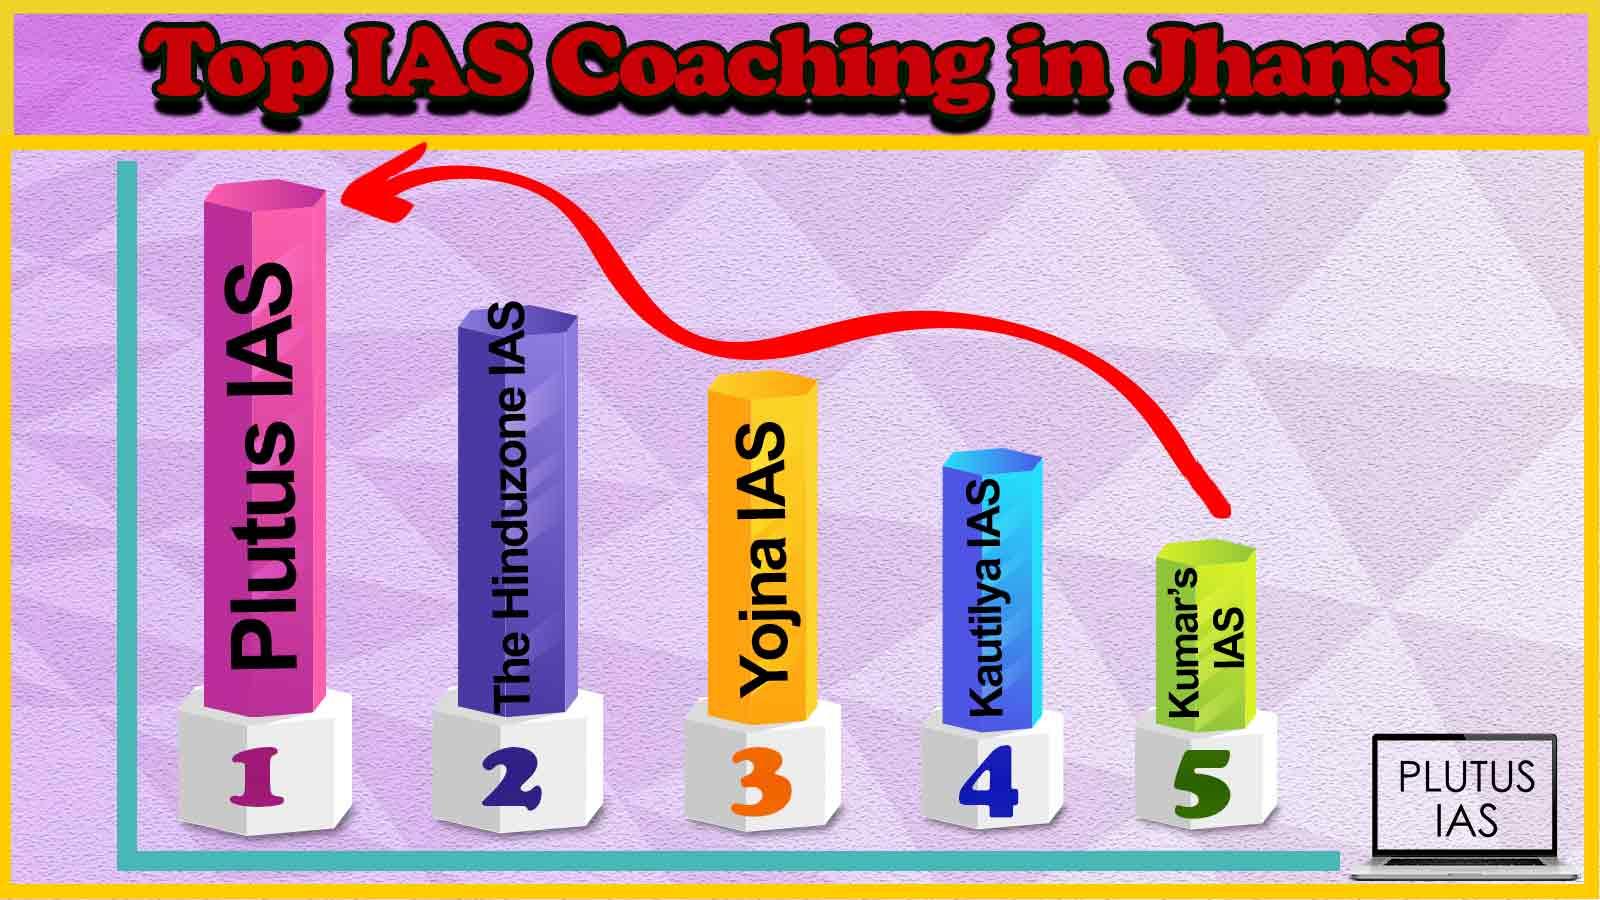 Best 10 IAS Coaching in Jhansi